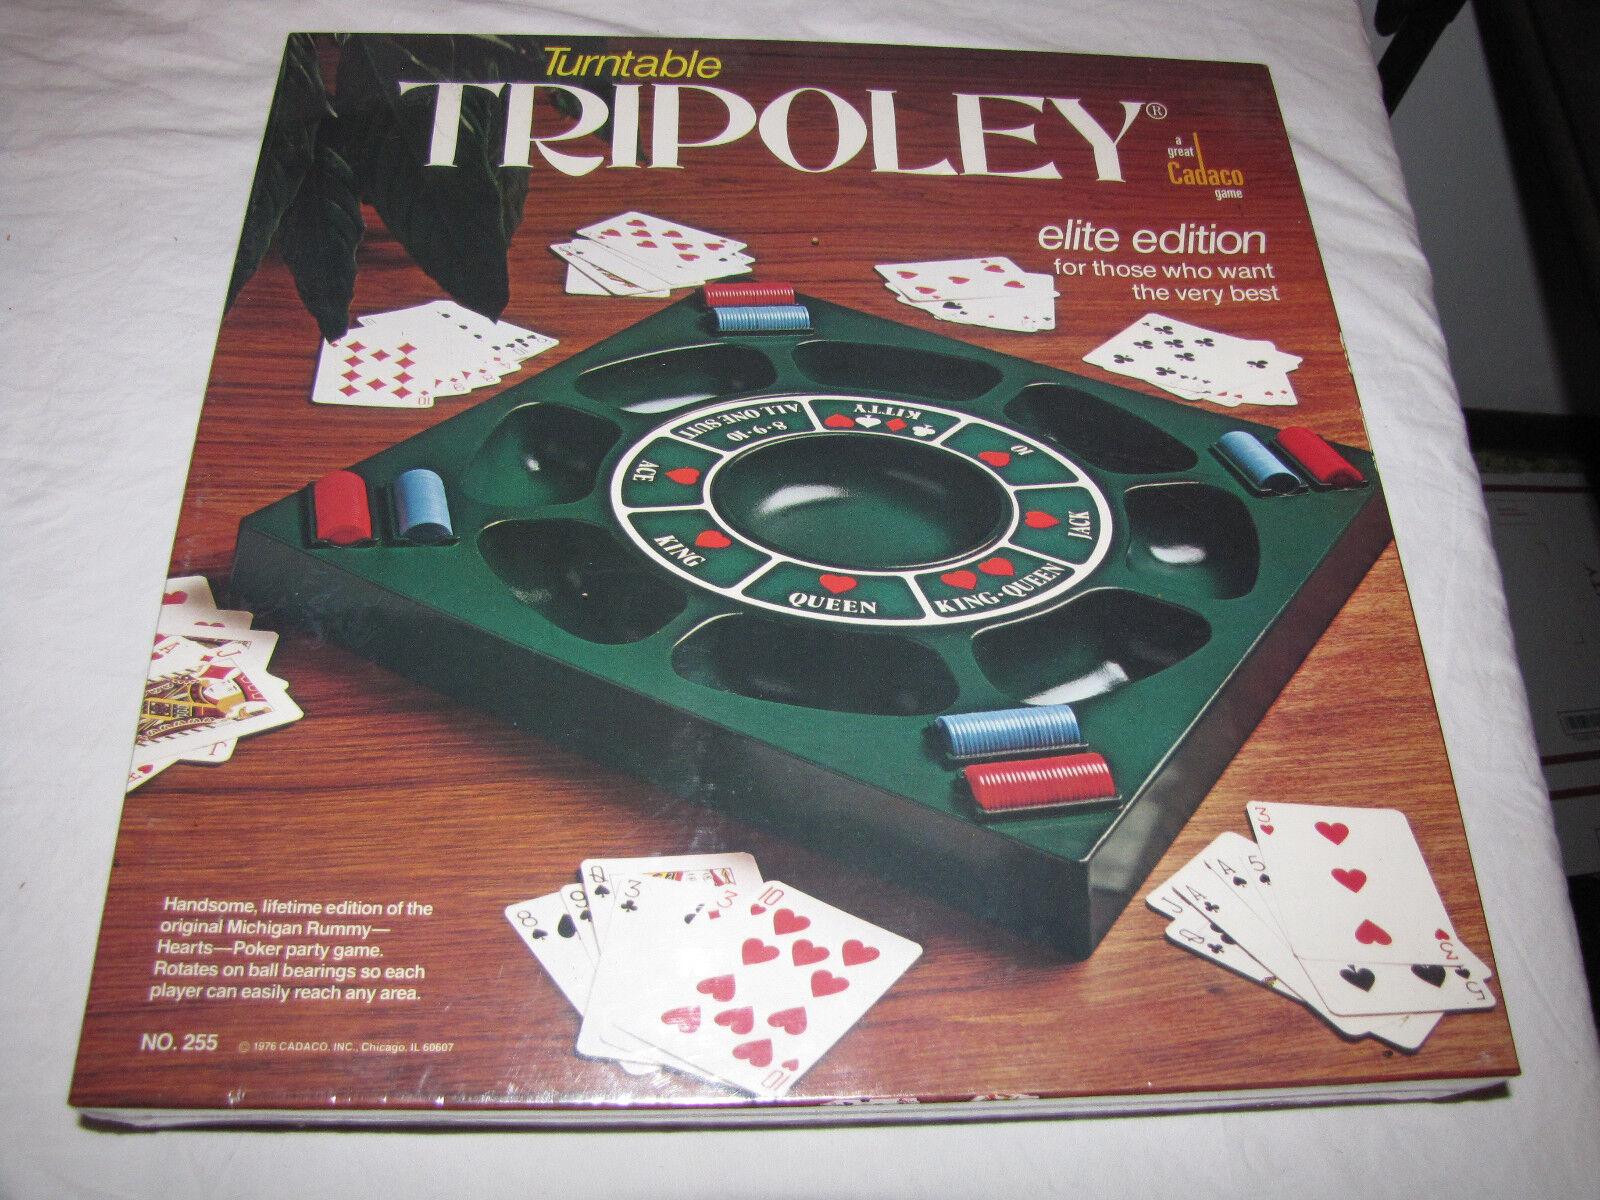 1976 plateau tournant Tripoley par aco-neuf encore scellé-RARE